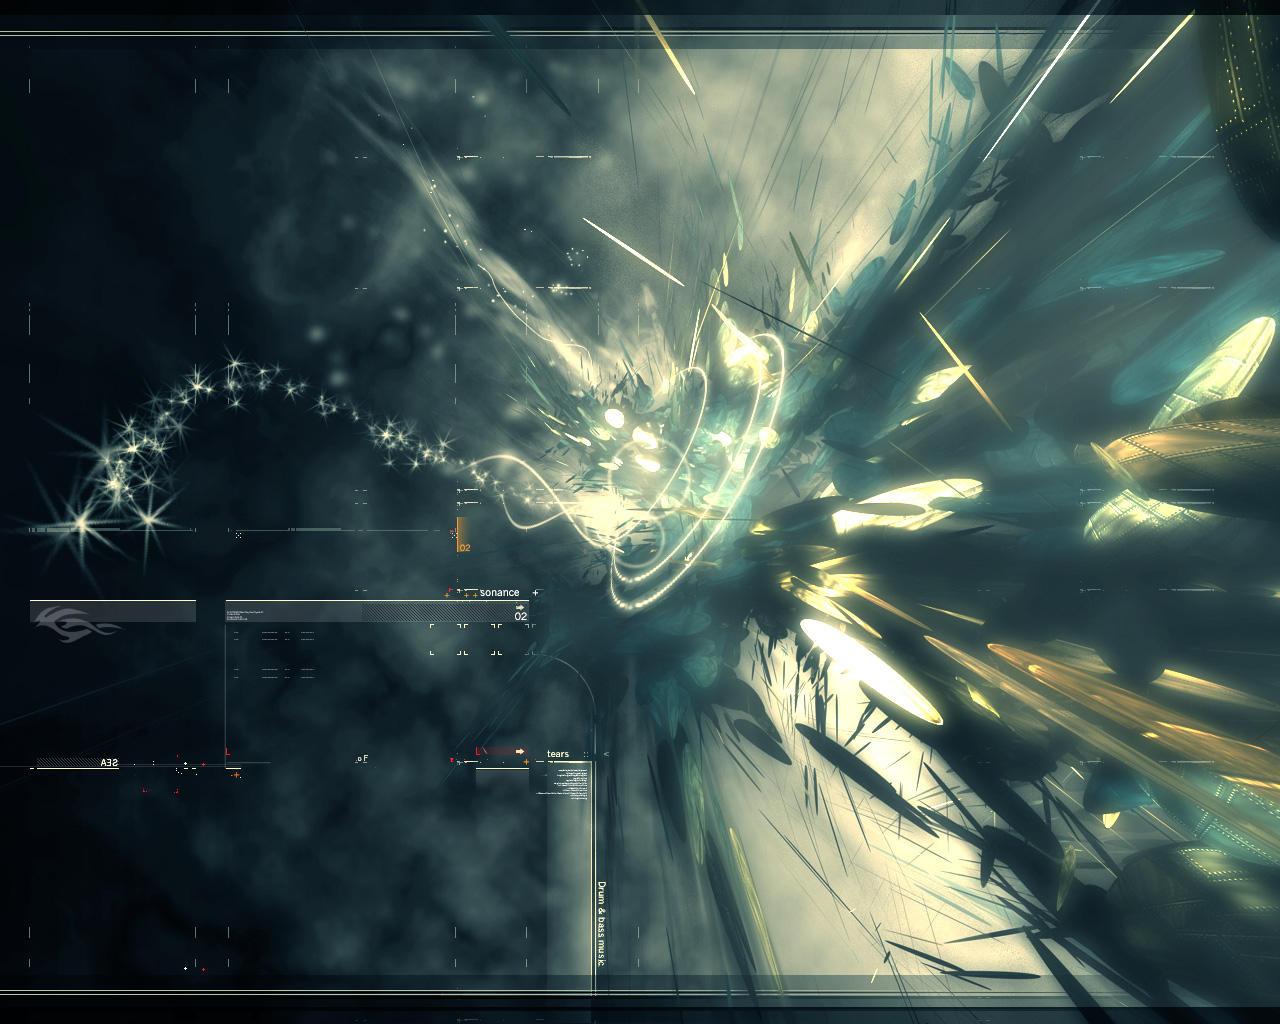 01.Sonance by paradikal